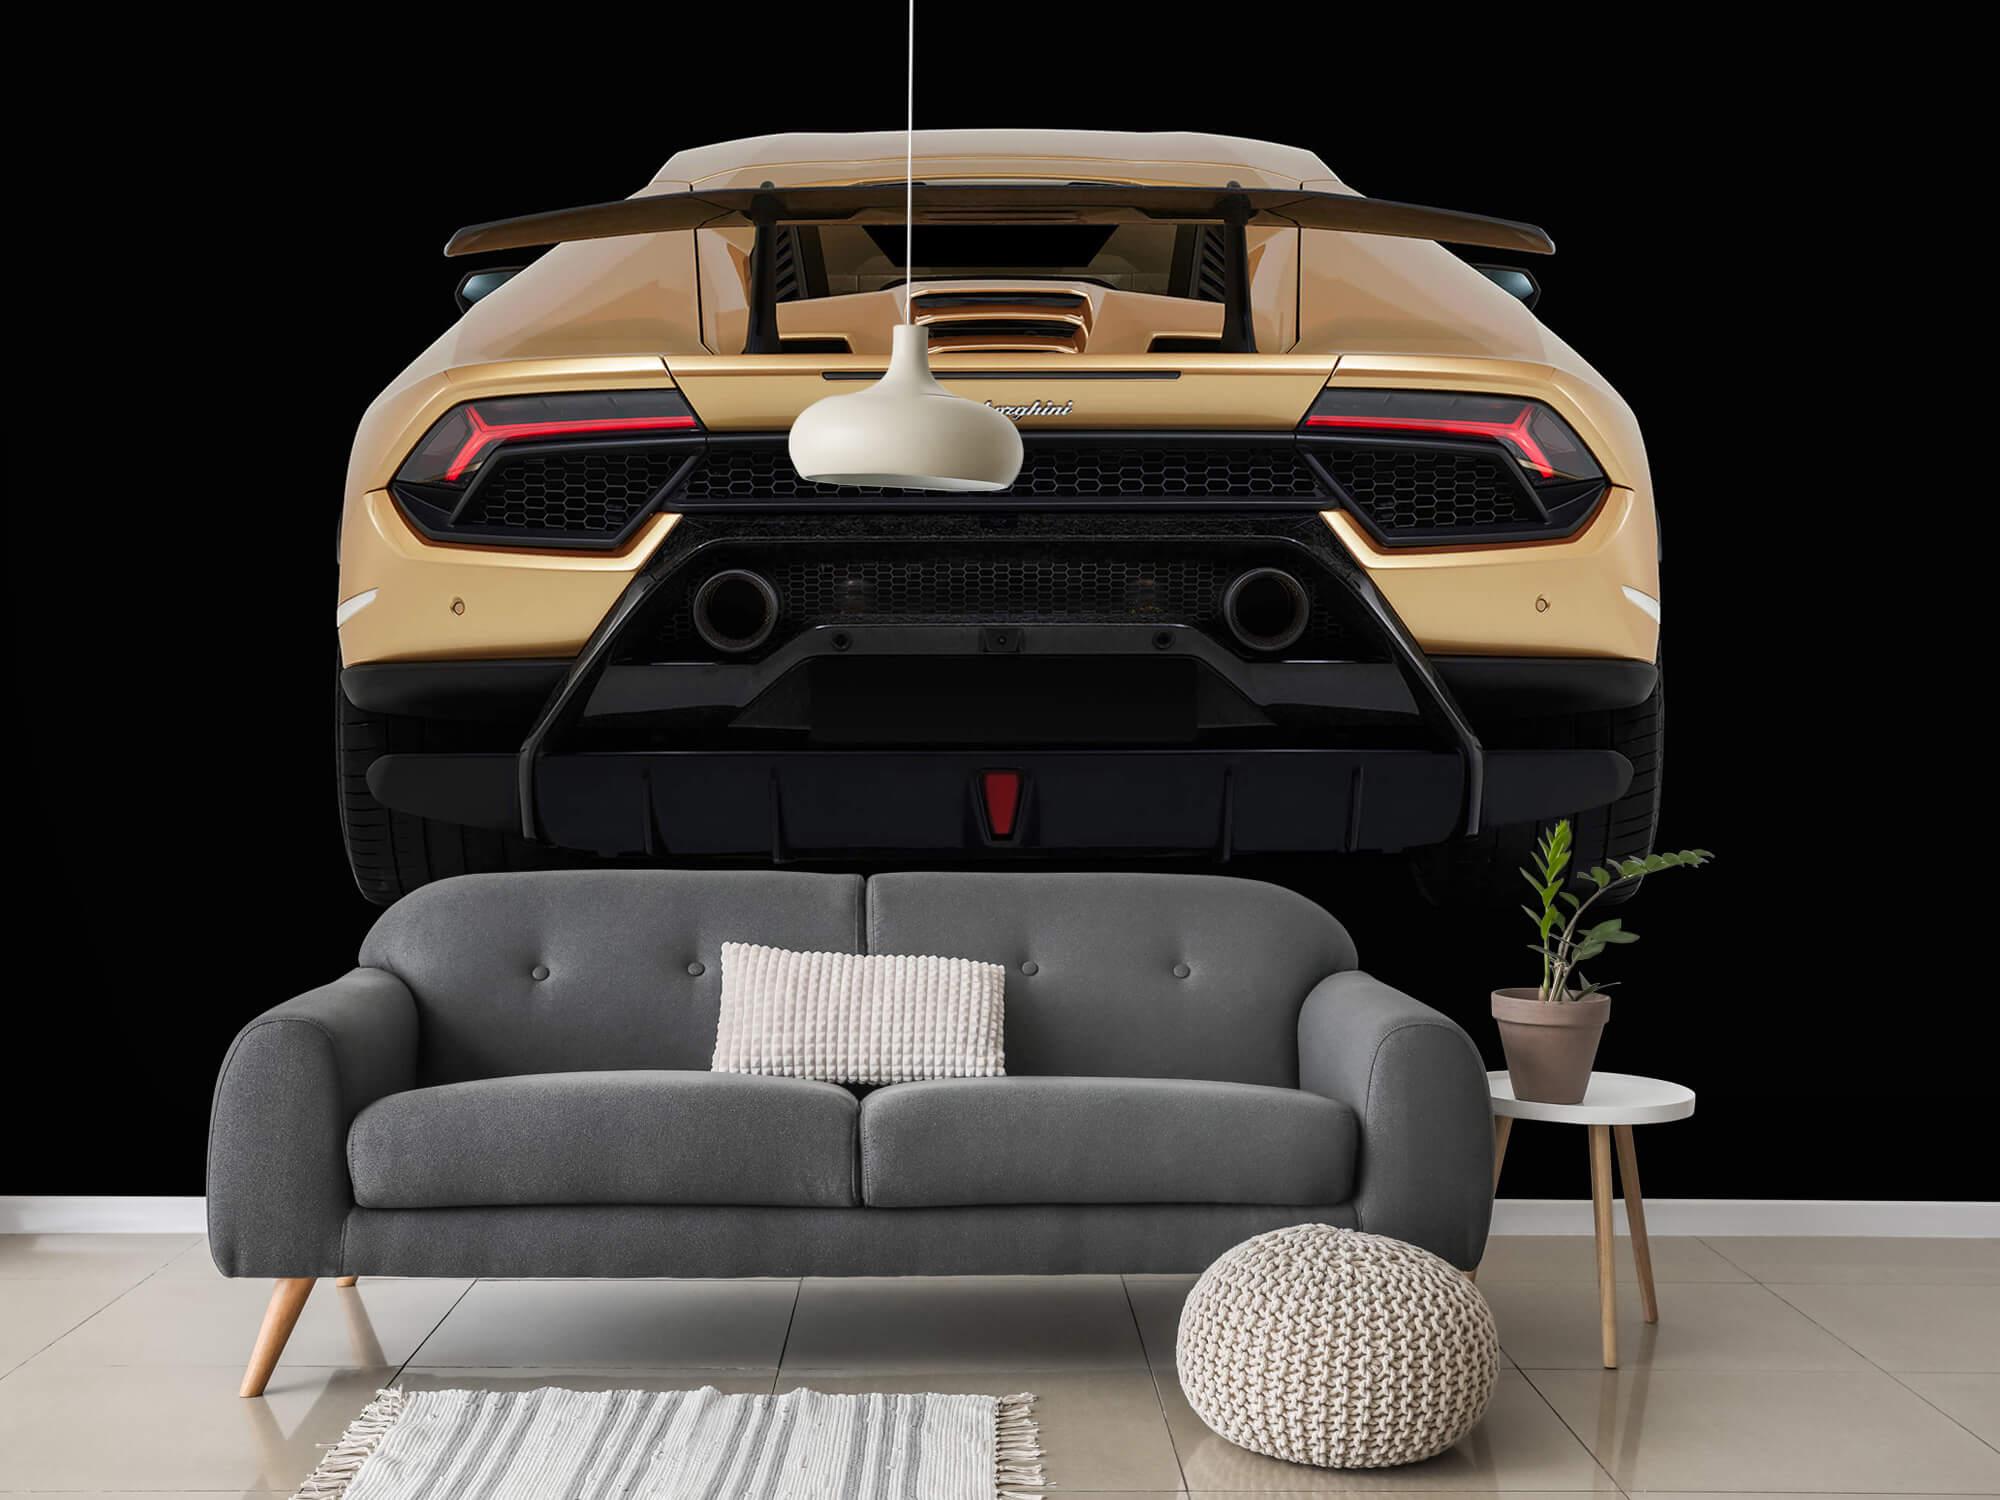 Wallpaper Lamborghini Huracán - Bak, svart 15